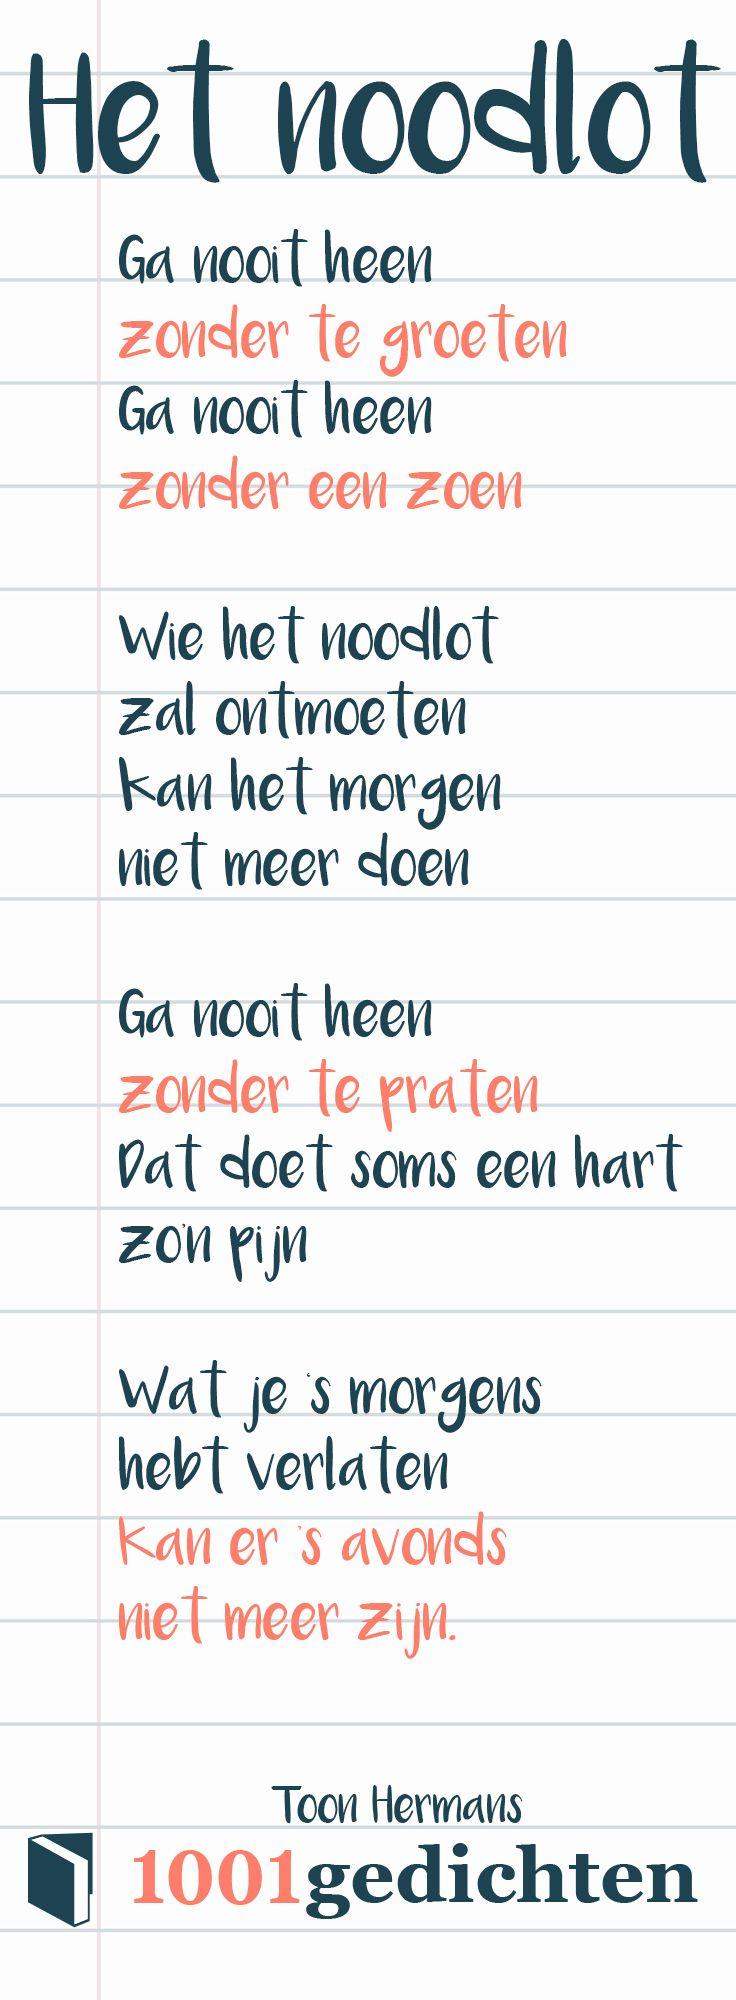 Toon Hermans Gedicht Geniet Van De Mooiste Gedichten Van